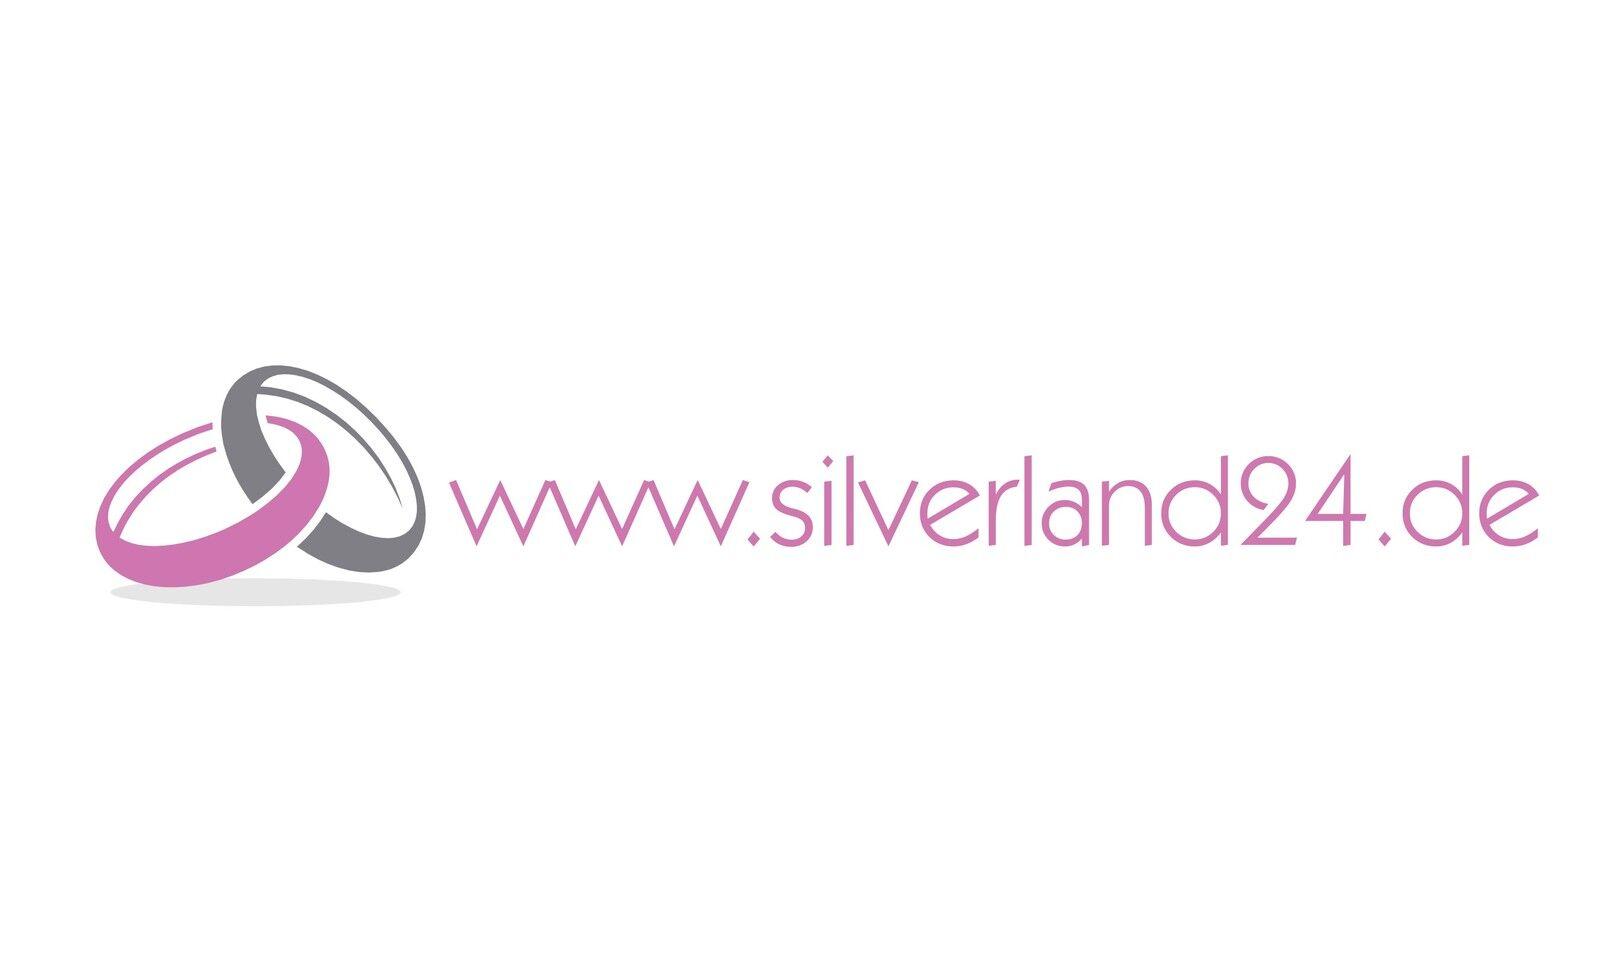 silverland24